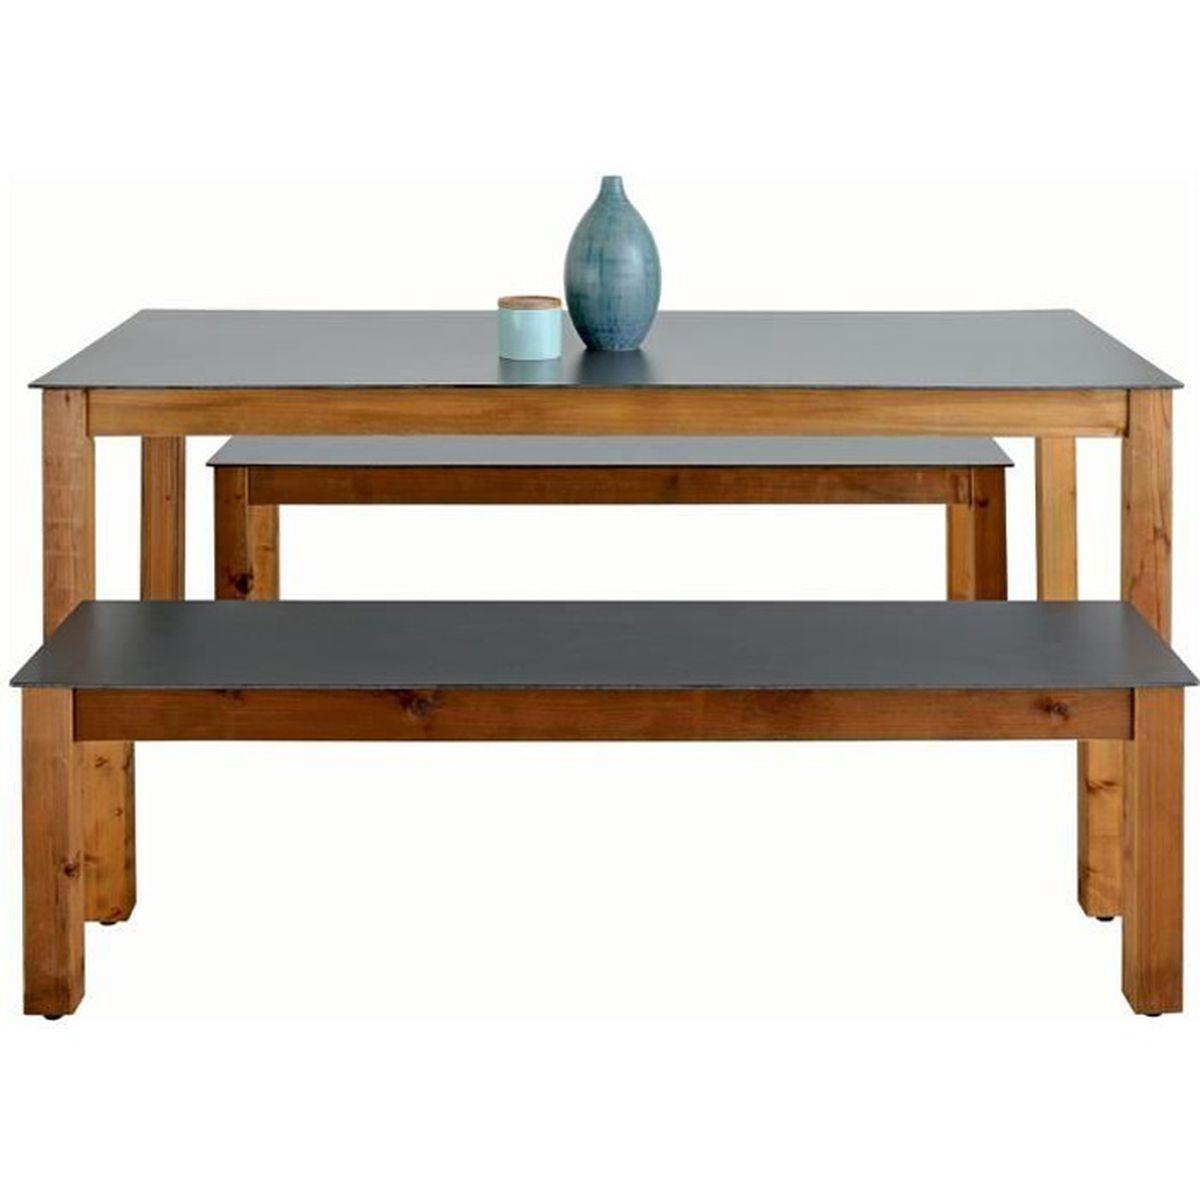 Ensemble de jardin neli 1 table 2 bancs bois achat vente salon de jardin ensemble de Salon de jardin bois cdiscount